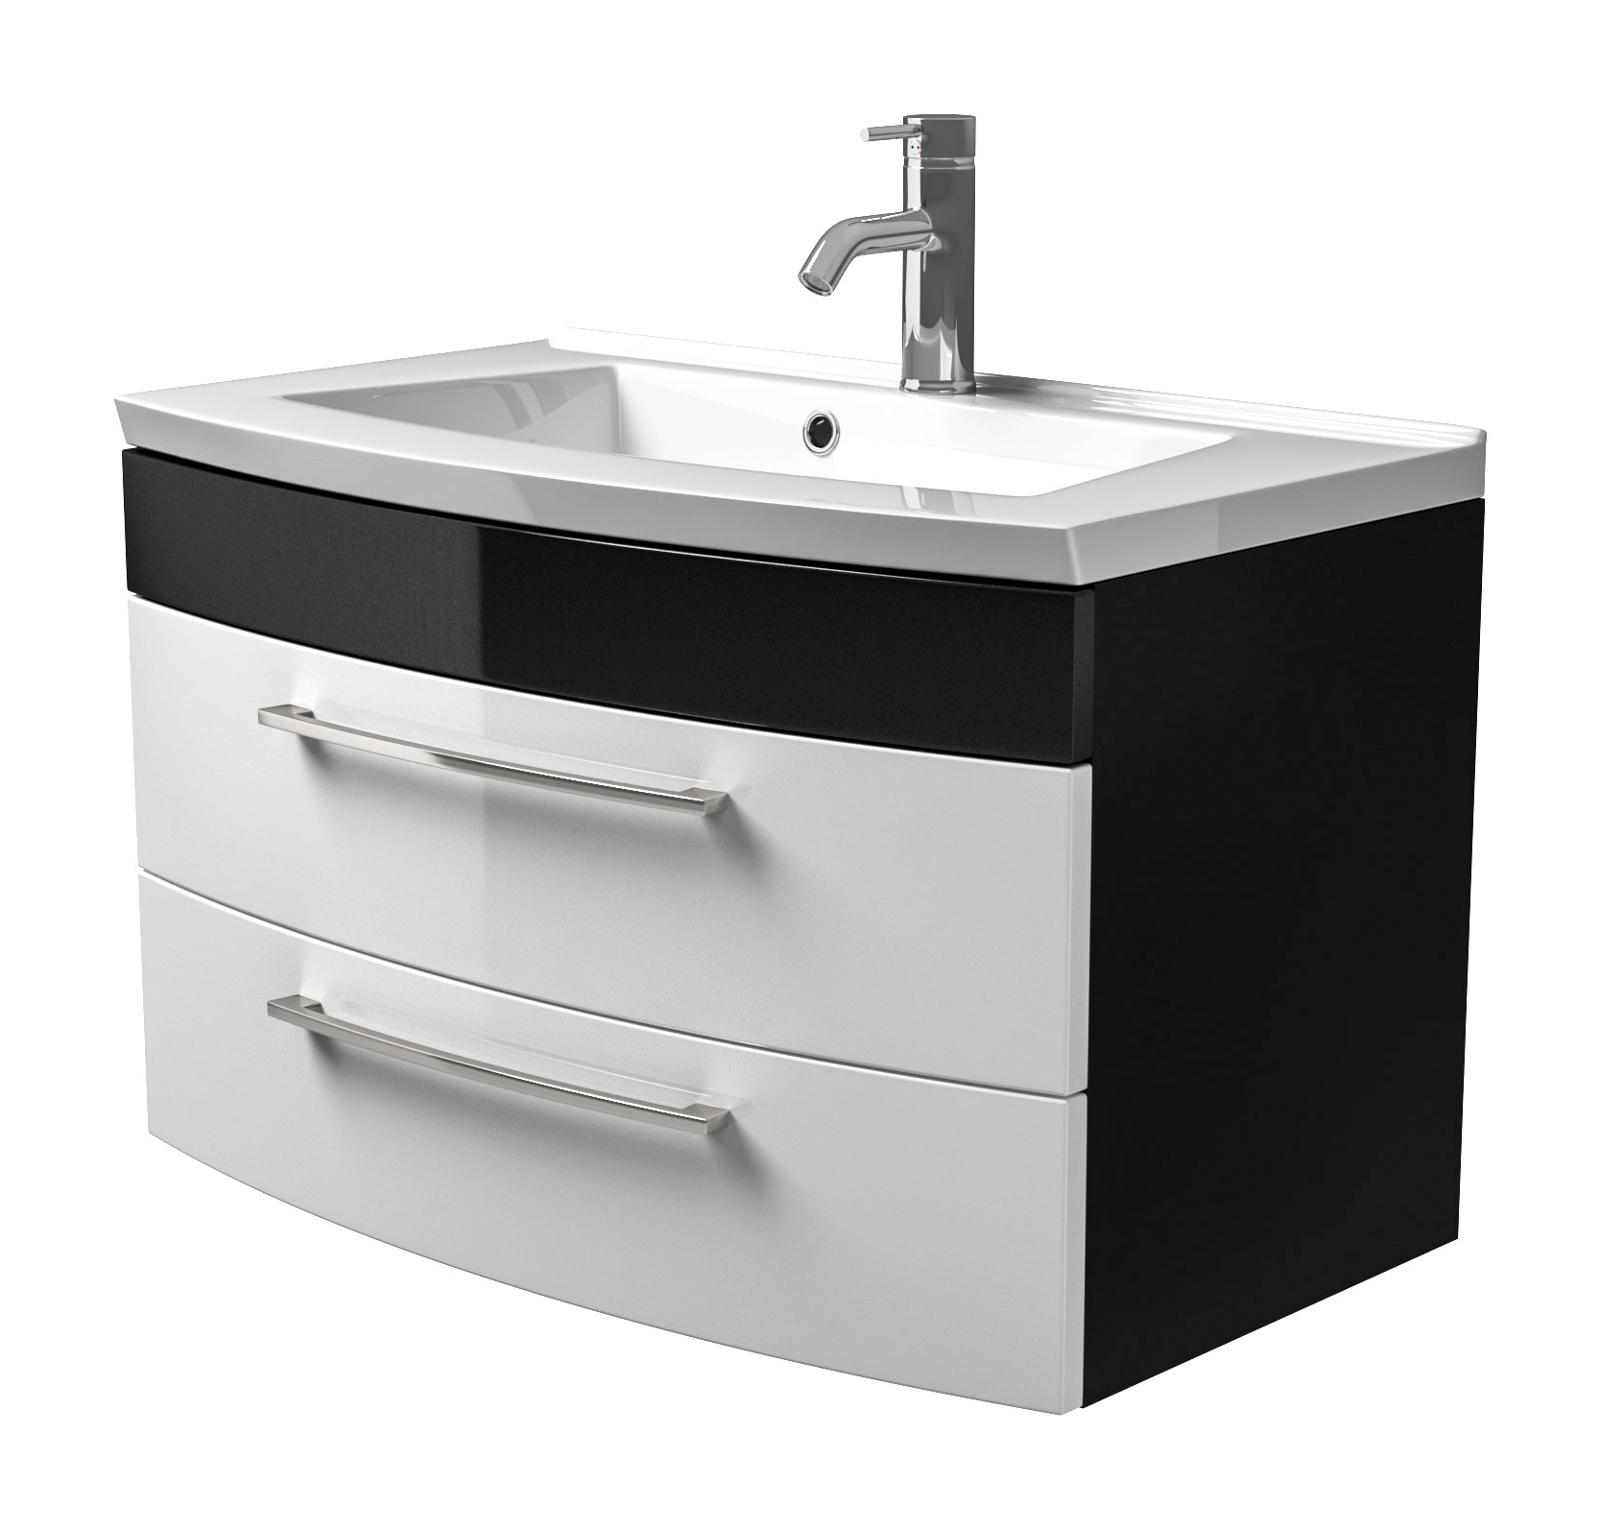 Badmöbel Waschplatz in anthrazit/weiß Hochglanz